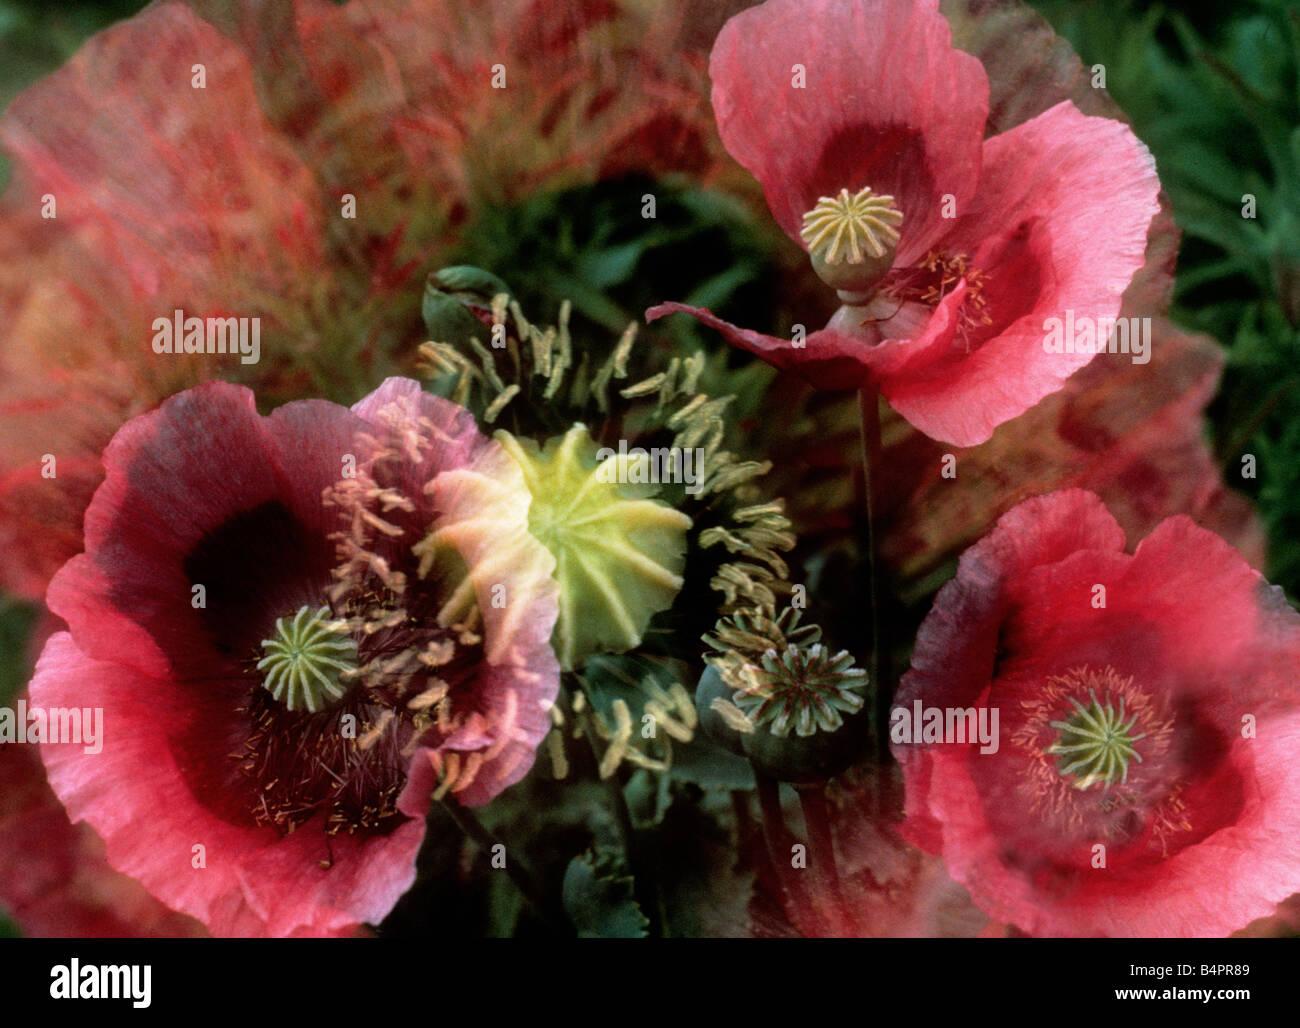 Red Poppies Sandra Baker - Stock Image